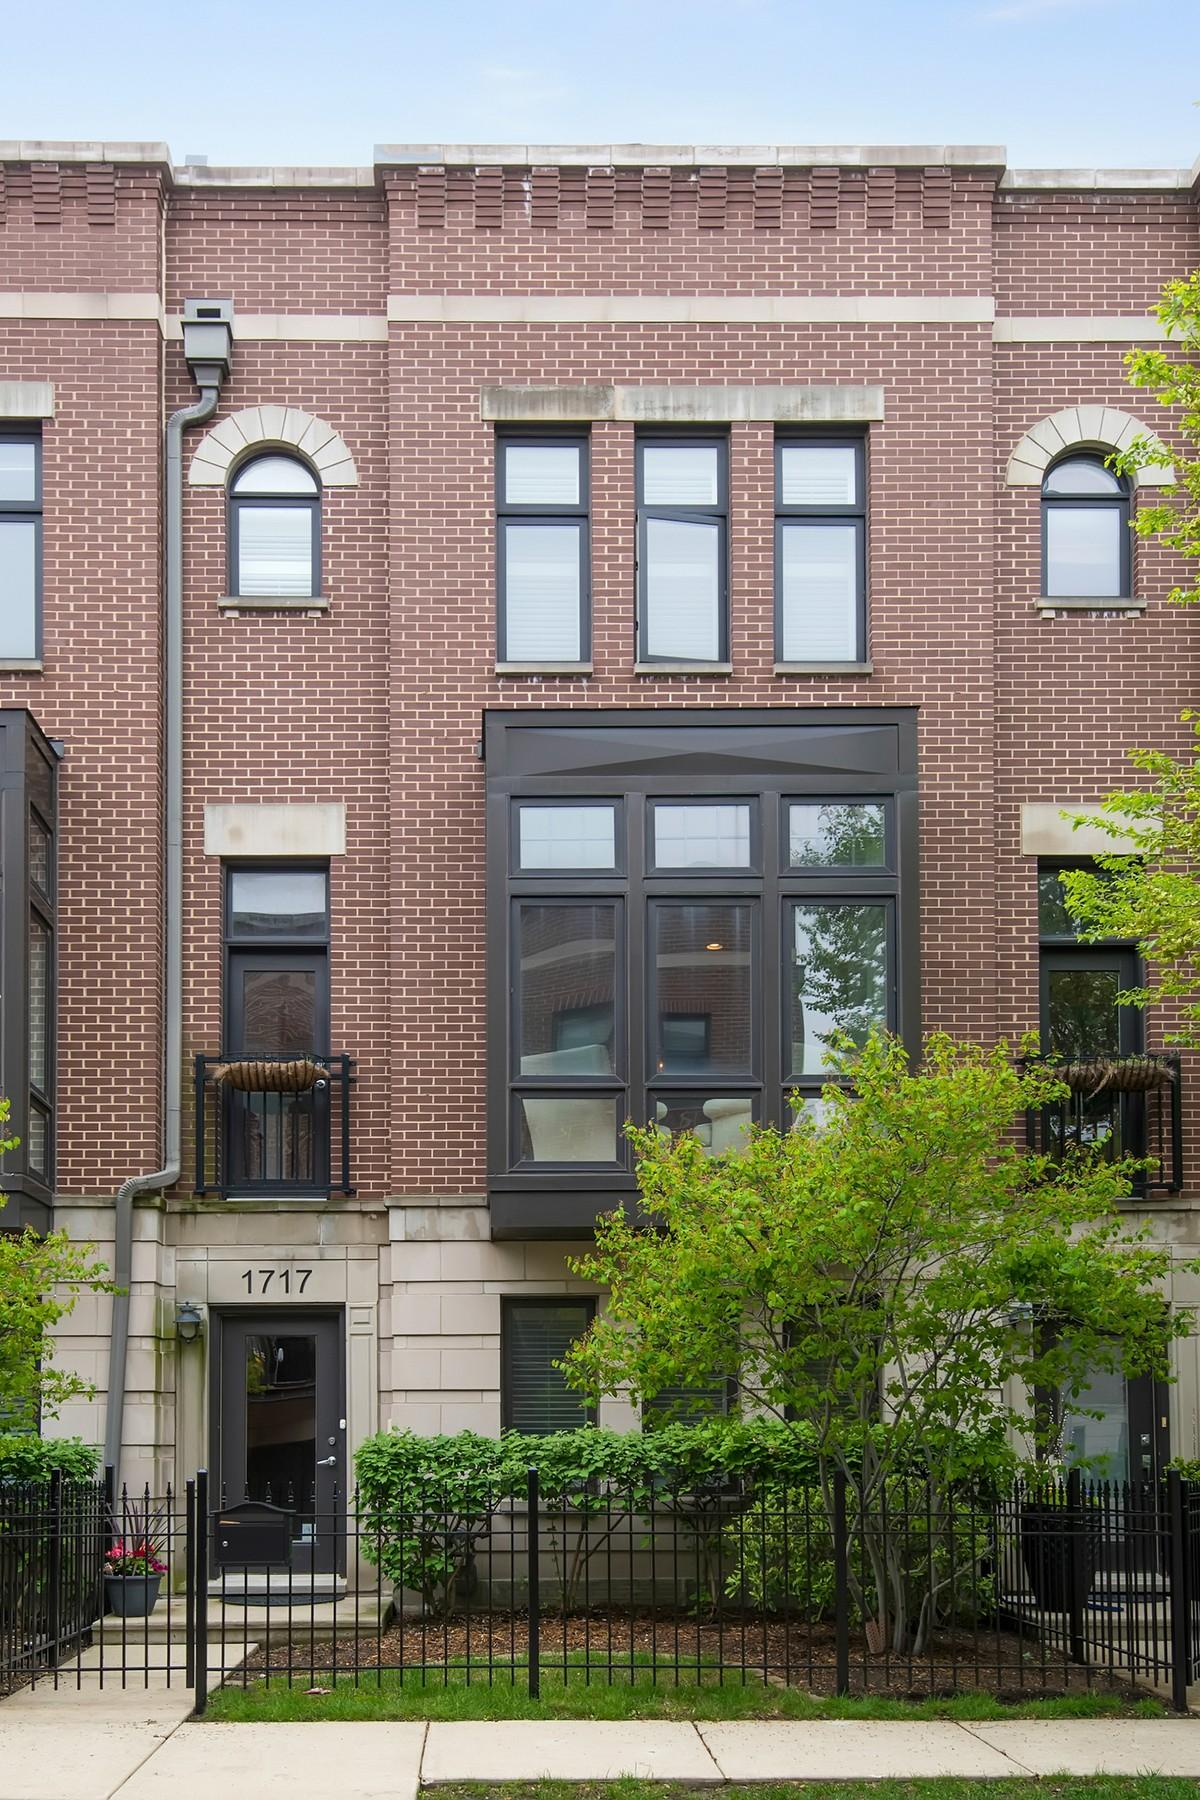 콘도미니엄 용 매매 에 Immaculate Four Bed Four Bath Home 1717 W Surf Street Unit 22 Lakeview, Chicago, 일리노이즈, 60657 미국